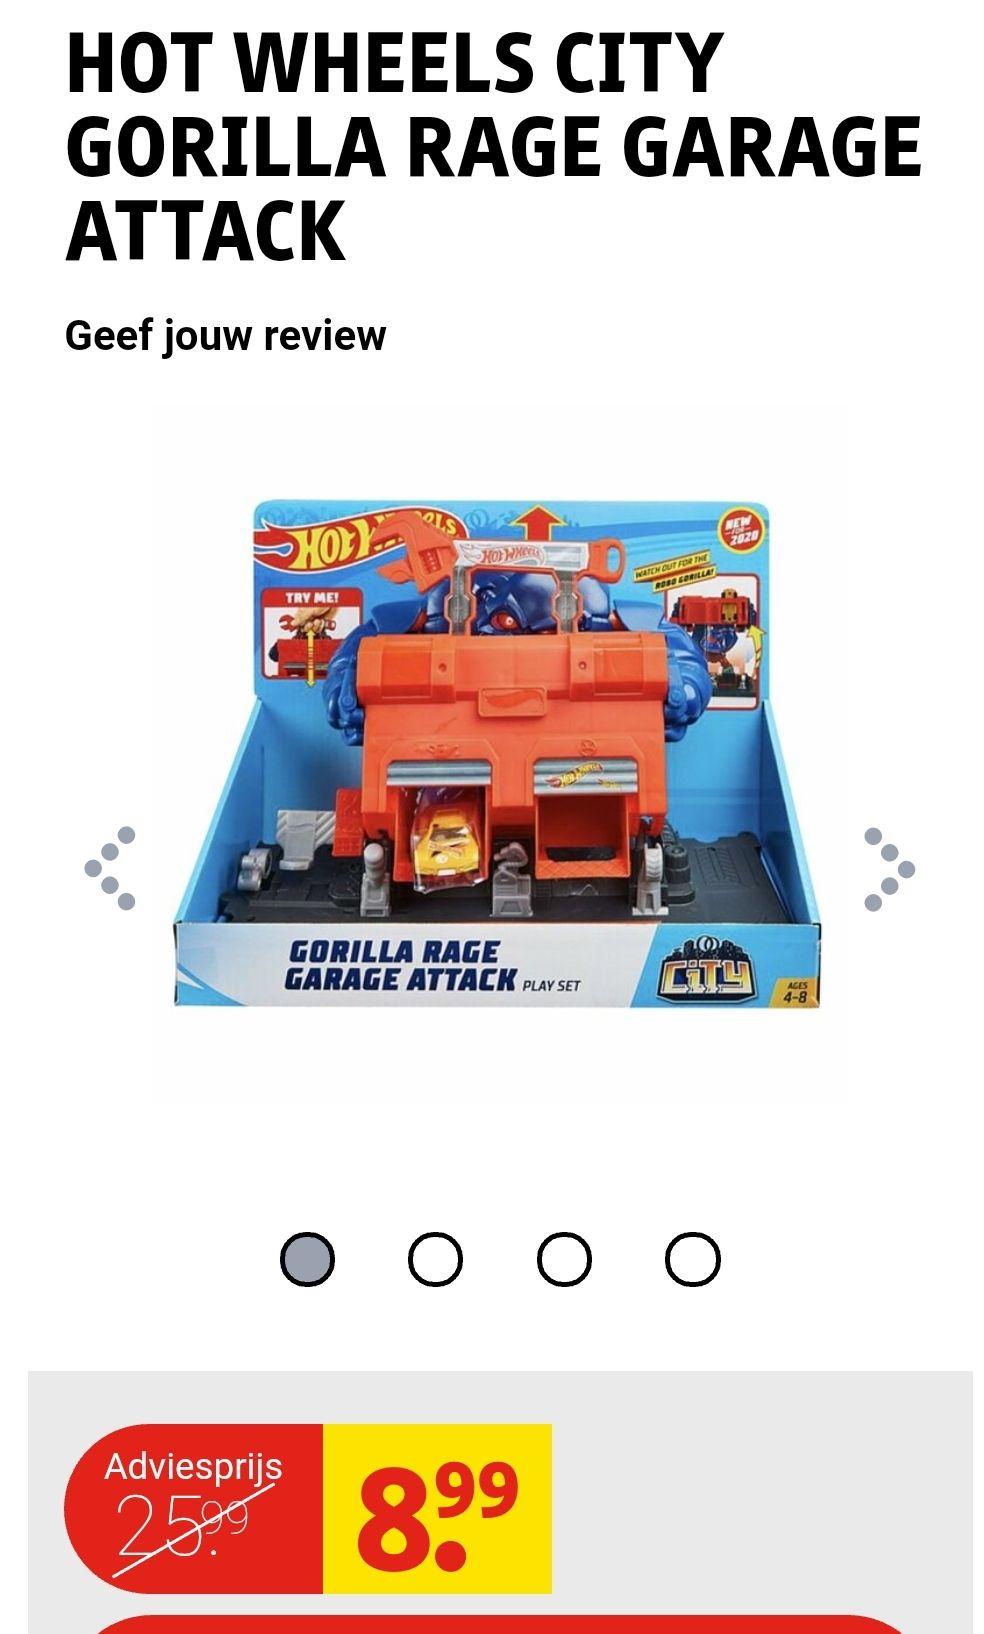 Hot Wheels city gorilla rage garage attack.